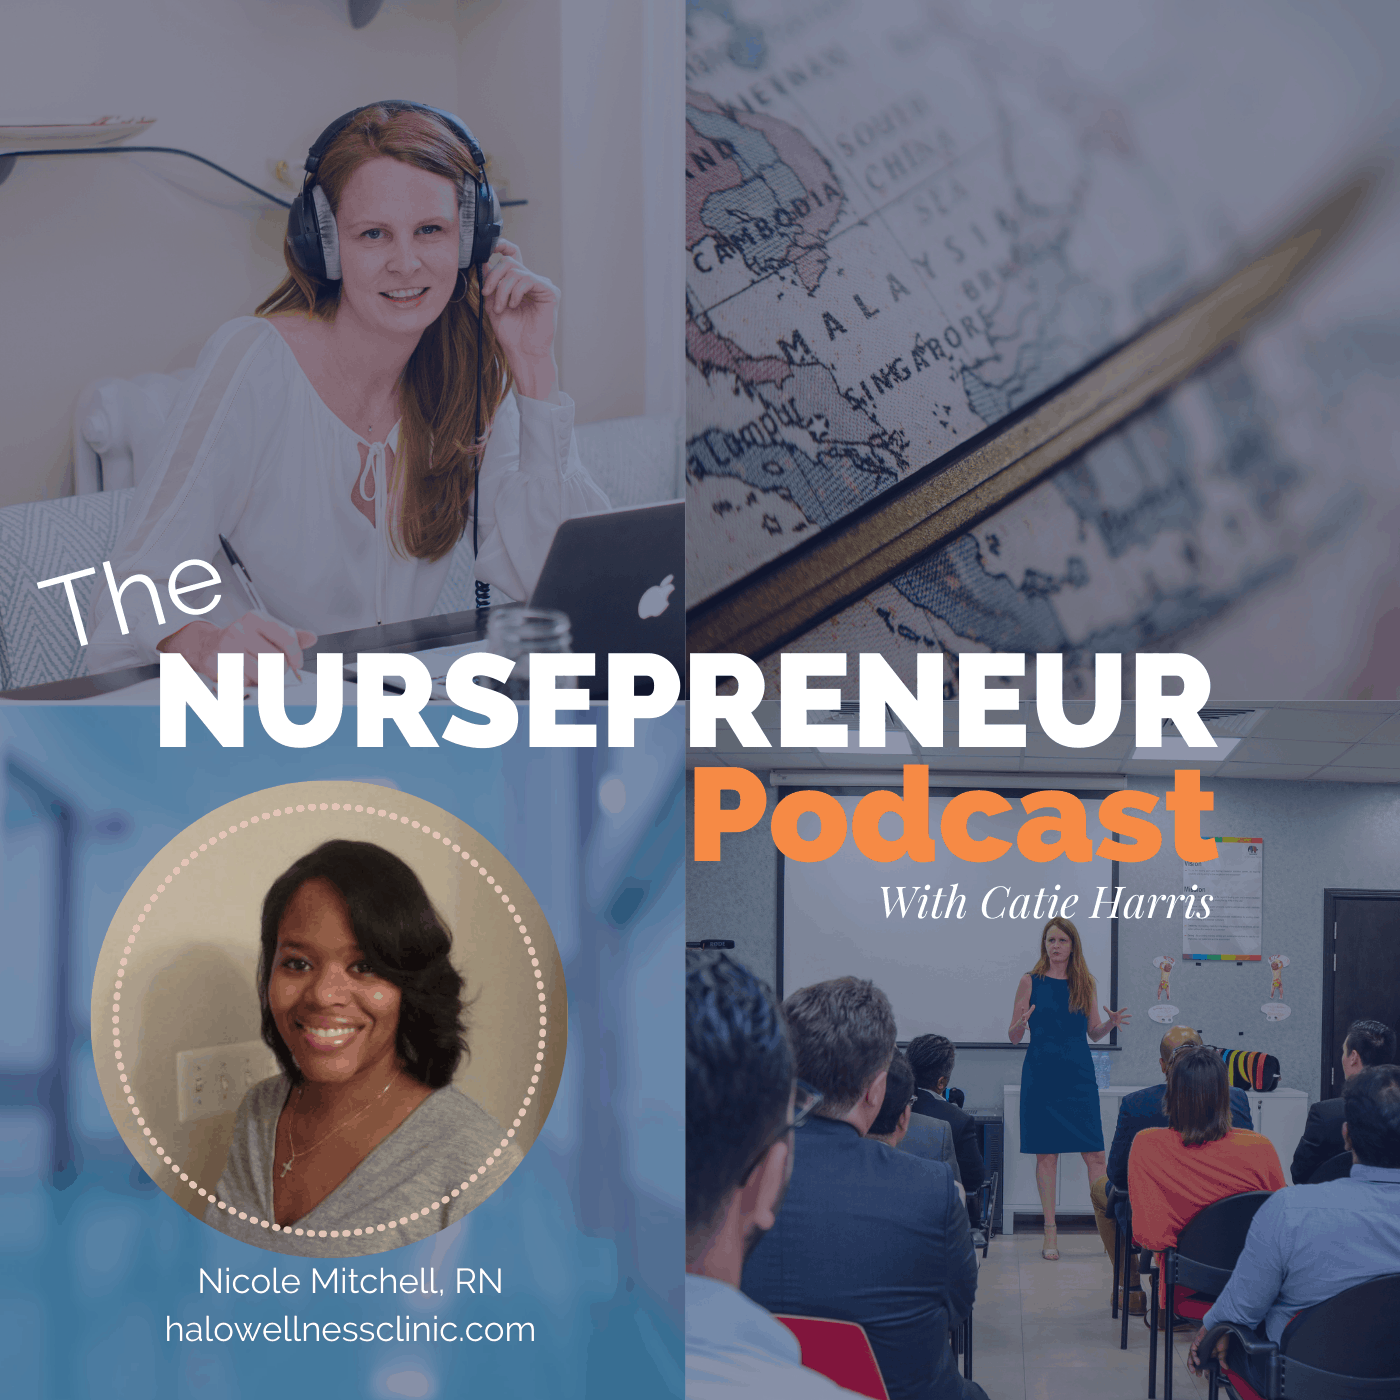 Now Halo Wellness Clinic NursePreneur Podcast